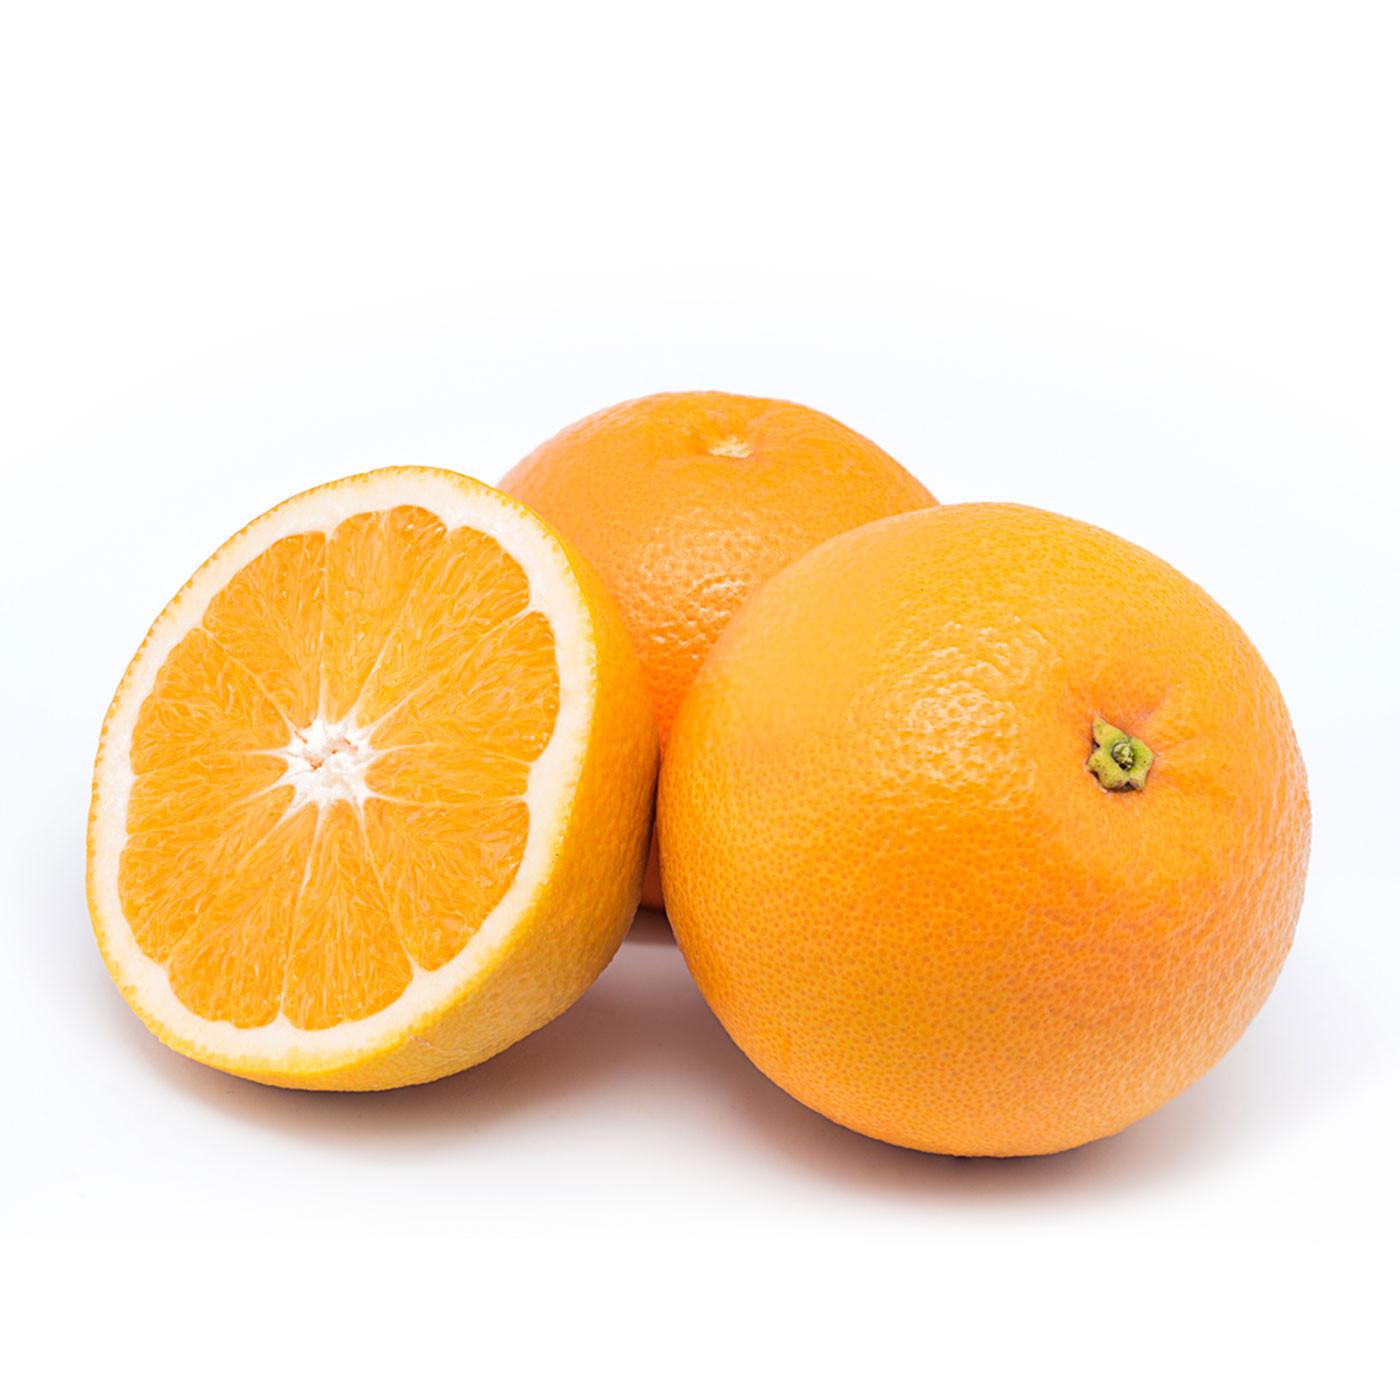 Πορτοκάλια Χυμού Λακωνίας